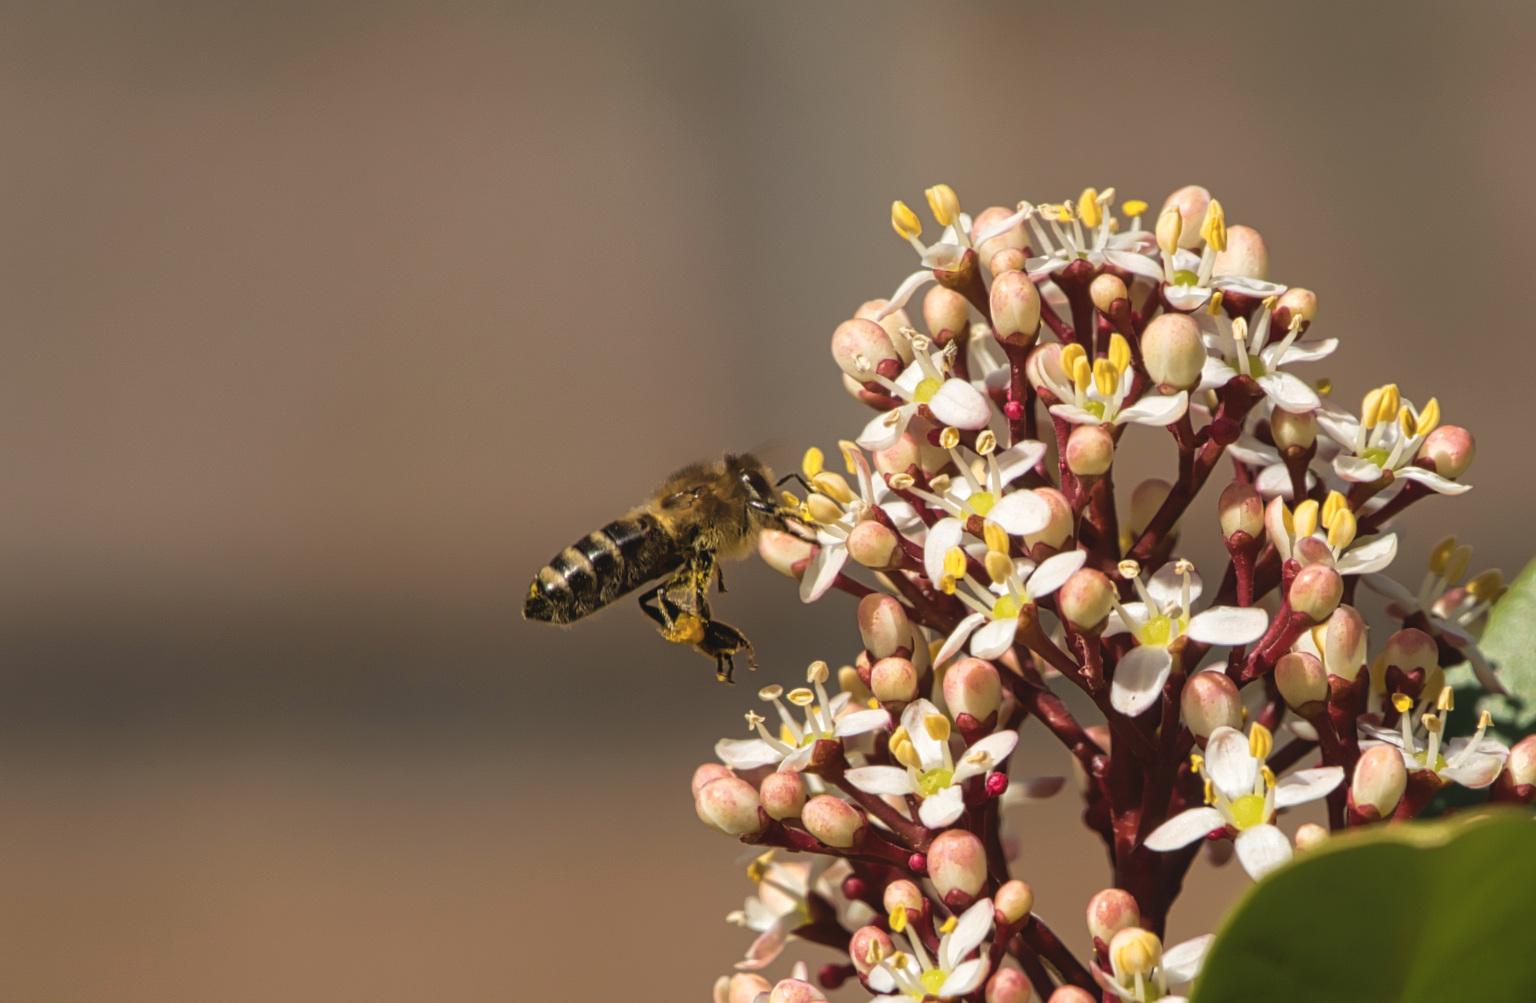 Stuifmeel - Deze bij is al aardig op weg!  Bedankt voor het bekijken en de reacties op mijn vorige uploads!  Groeten, Jeroen - foto door JerPet op 16-04-2021 - locatie: Assen, Nederland - deze foto bevat: bij, tuin, stuifmeel, geel, groen, wit, bloem, fabriek, bestuiver, insect, bloemblaadje, geleedpotigen, terrestrische plant, kruidachtige plant, plaag, bloeiende plant